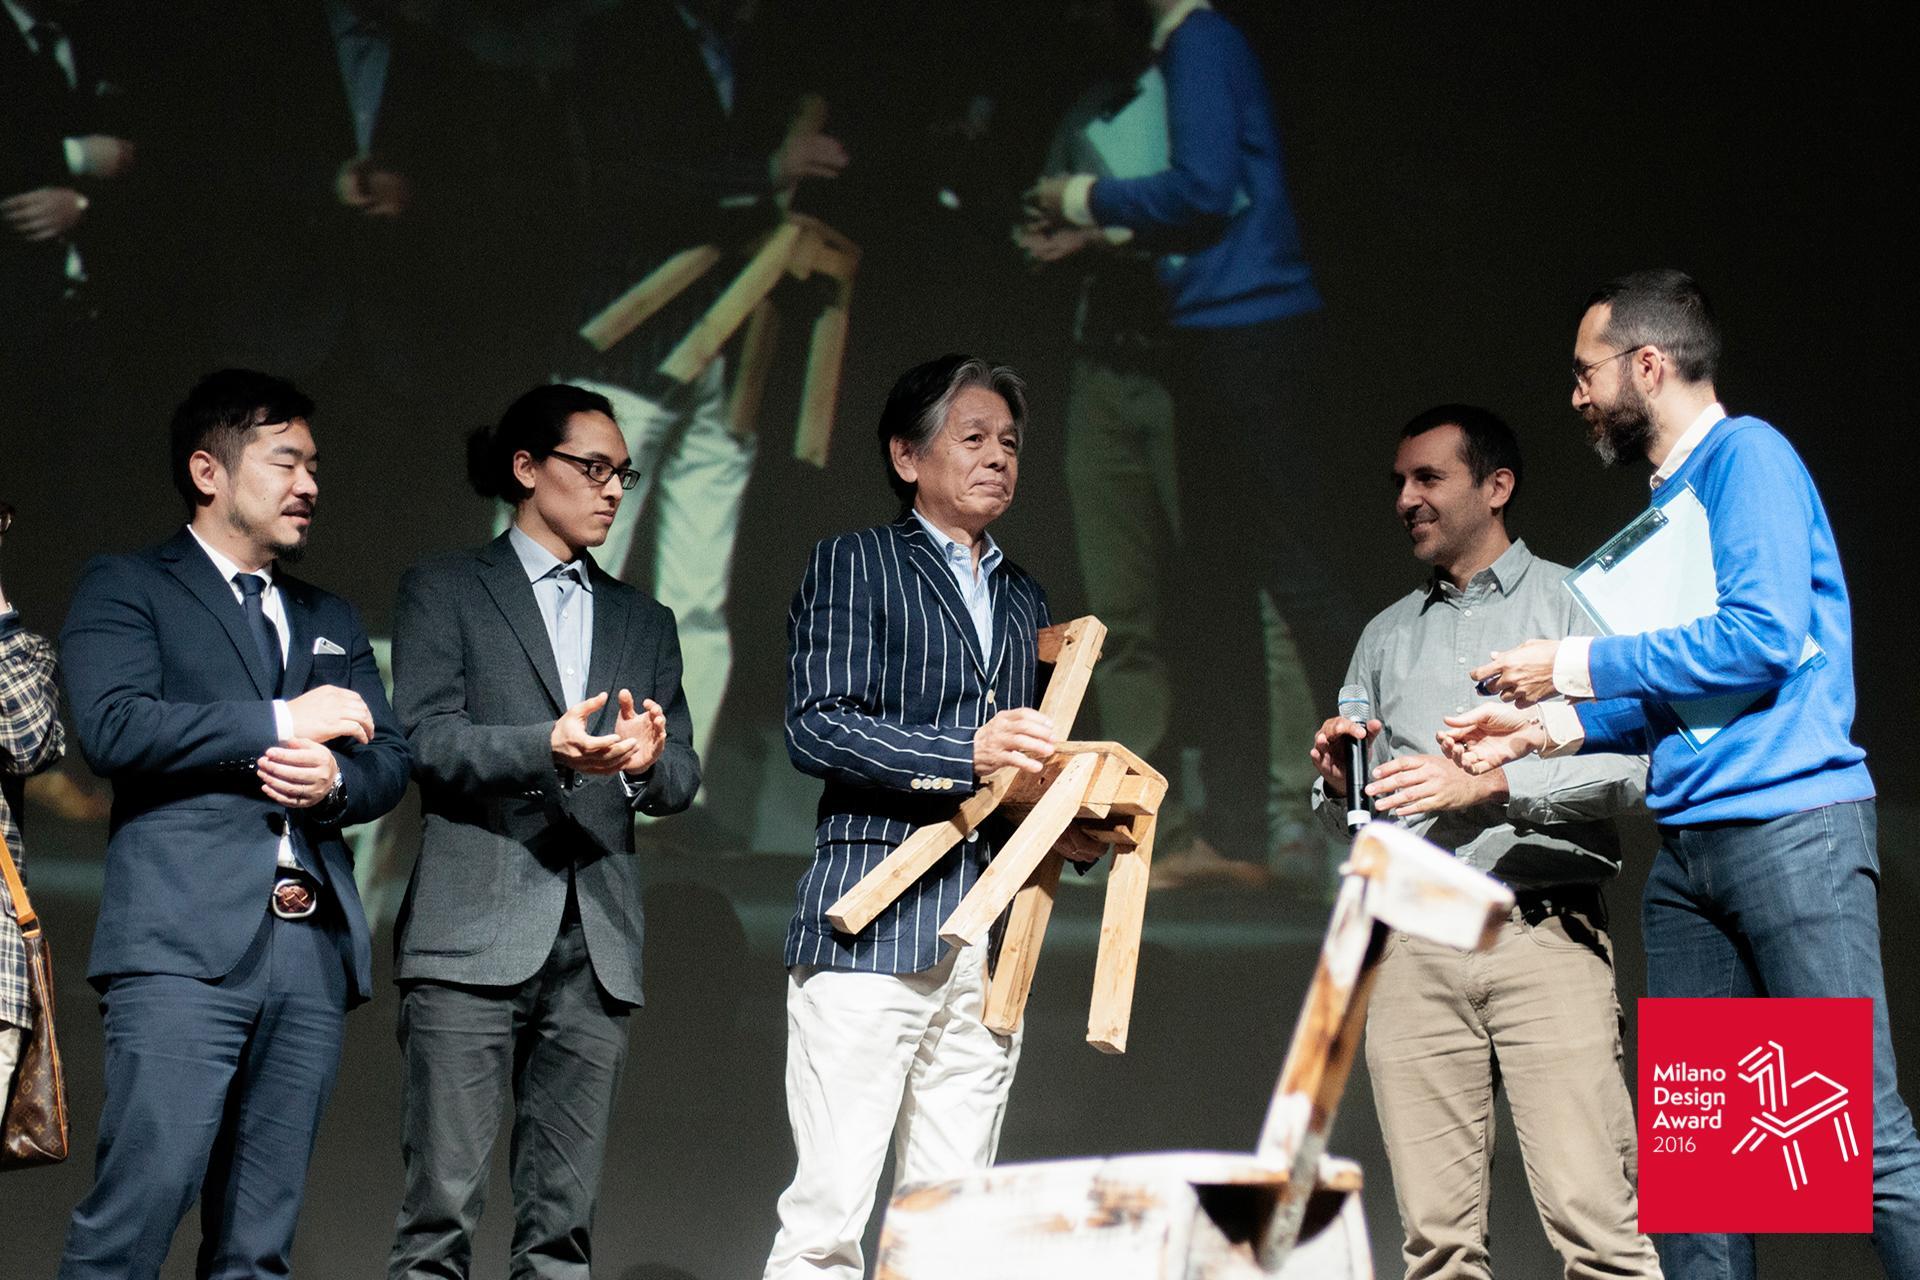 4月17日に行われた授賞式の様子。Teatro Franco Parenti(ミラノ)会場にて